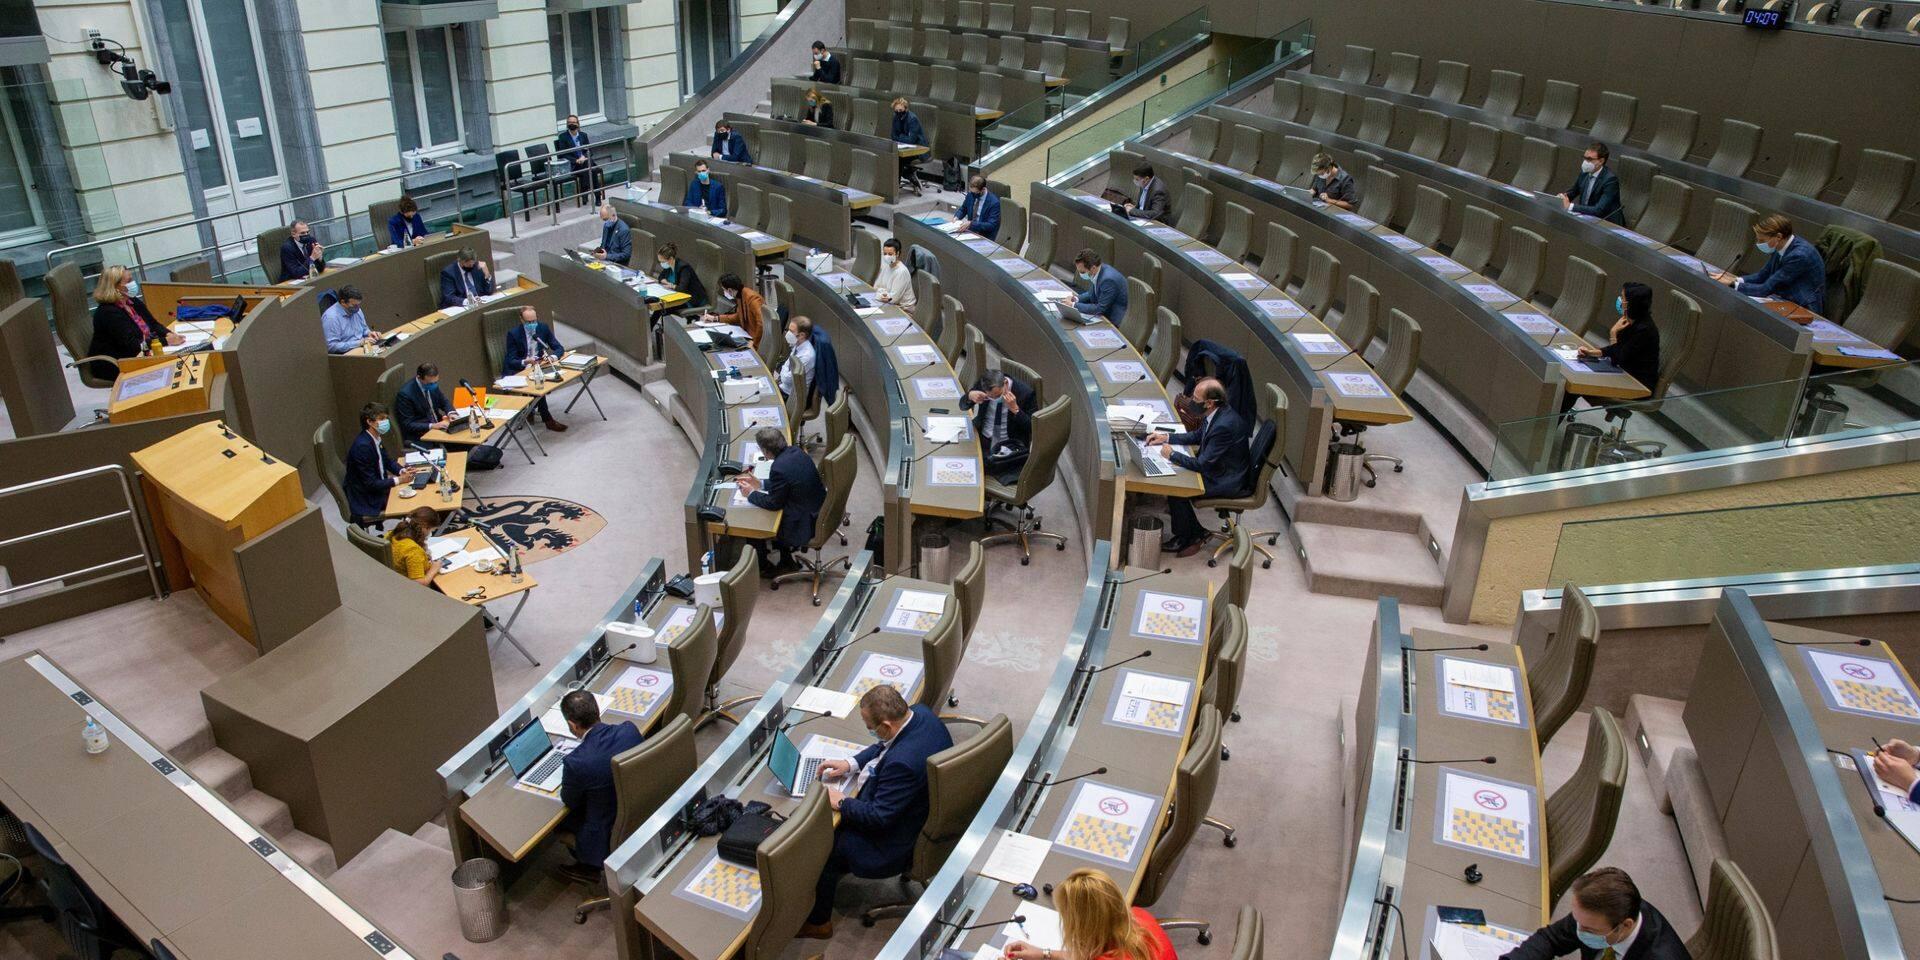 Après 18 heures de réunion, le Parlement flamand approuve le budget 2021